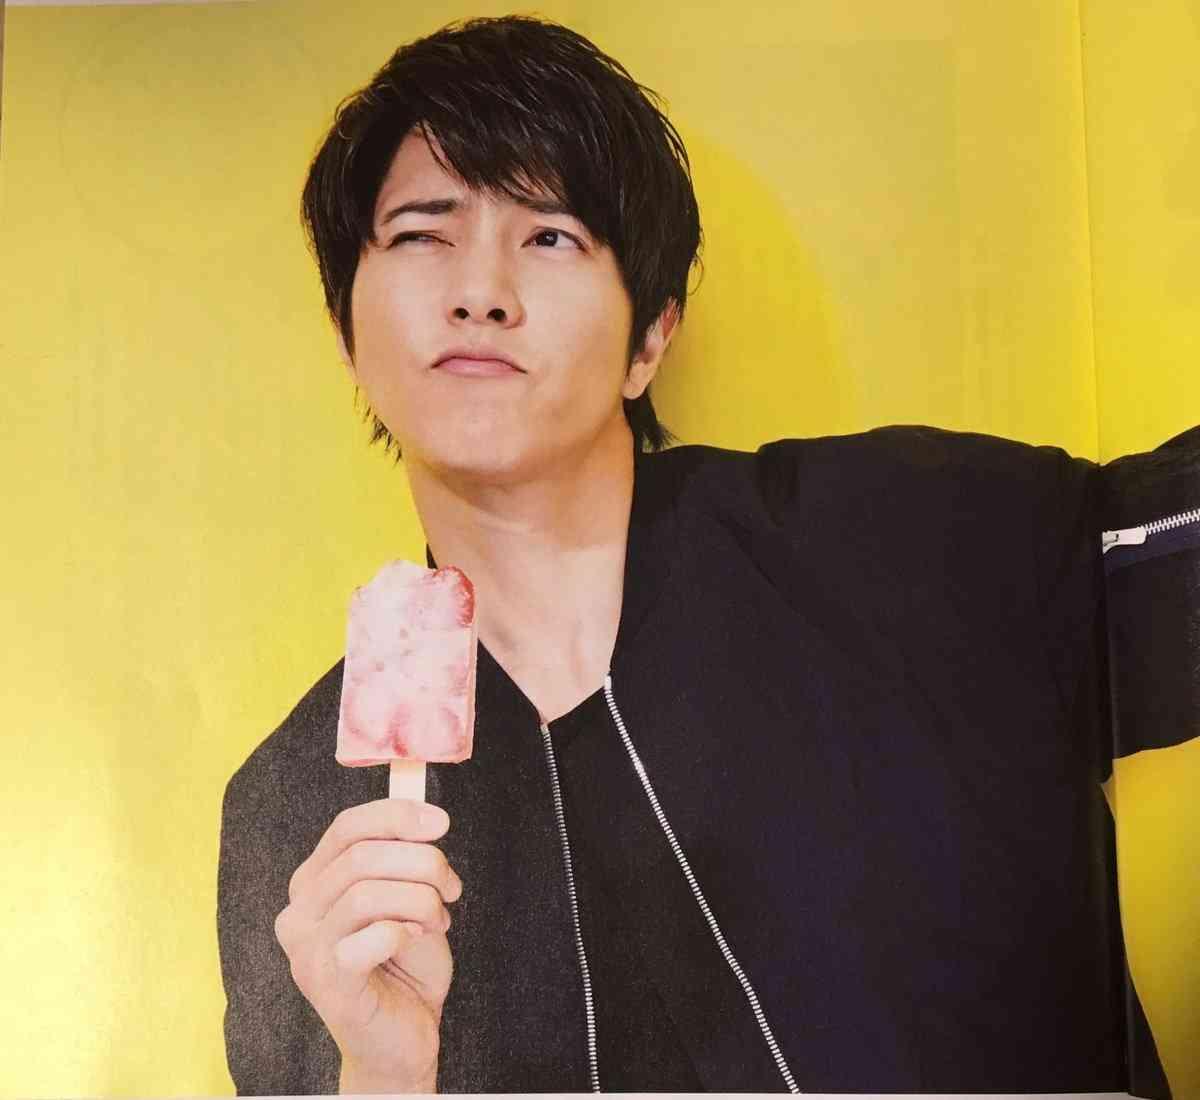 本当に美味しいソフトクリームが食べたい